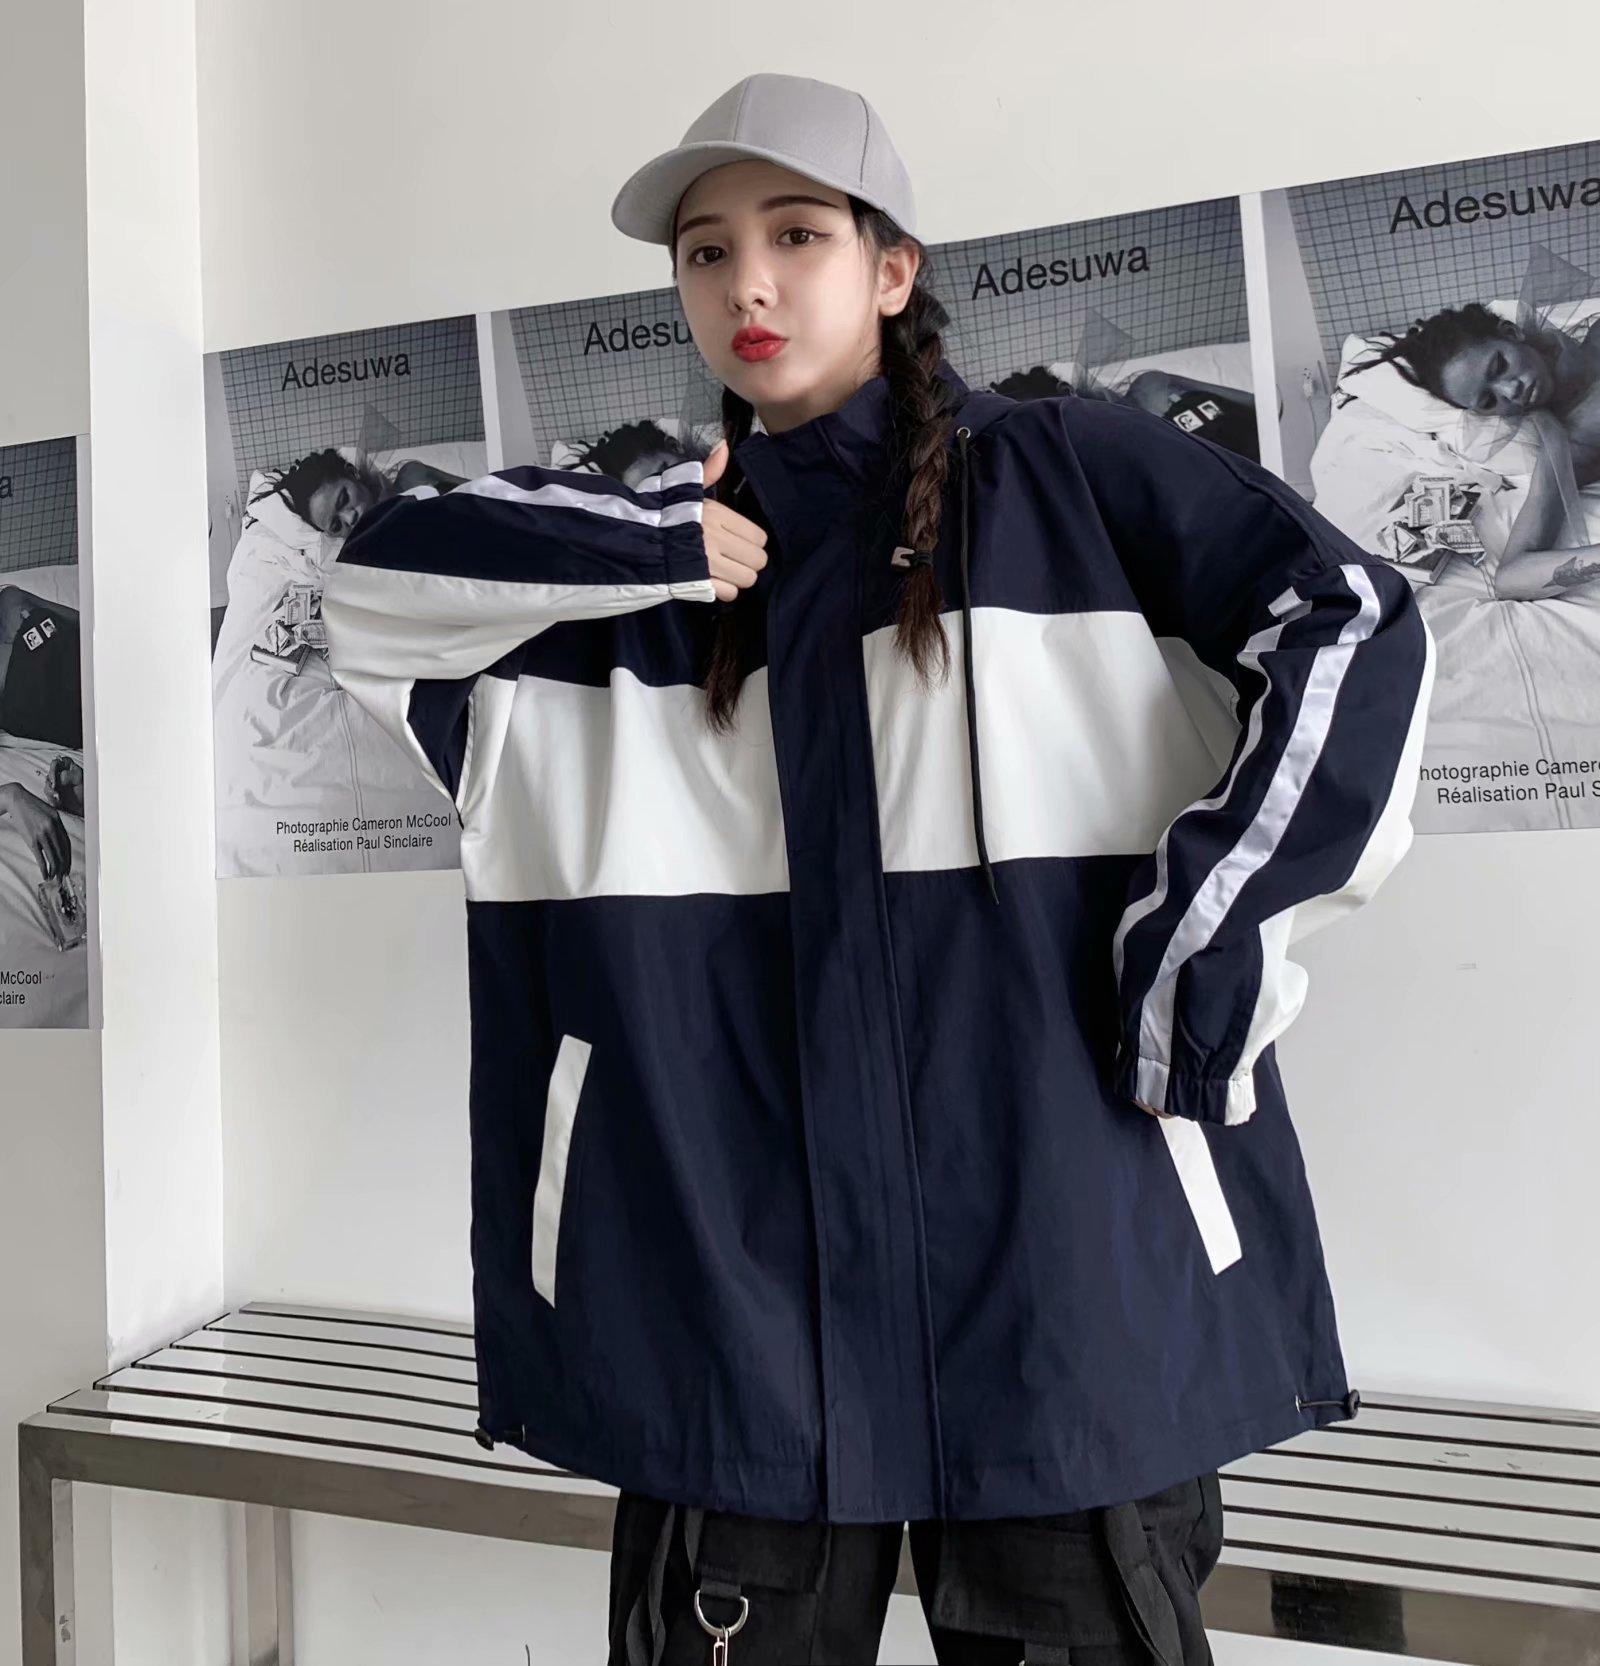 áo khoác 19 mùa thu nữ châu Âu và Hoa Kỳ áo khoác trùm đầu áo khoác gió đôi thủy triều với đoạn lỏng